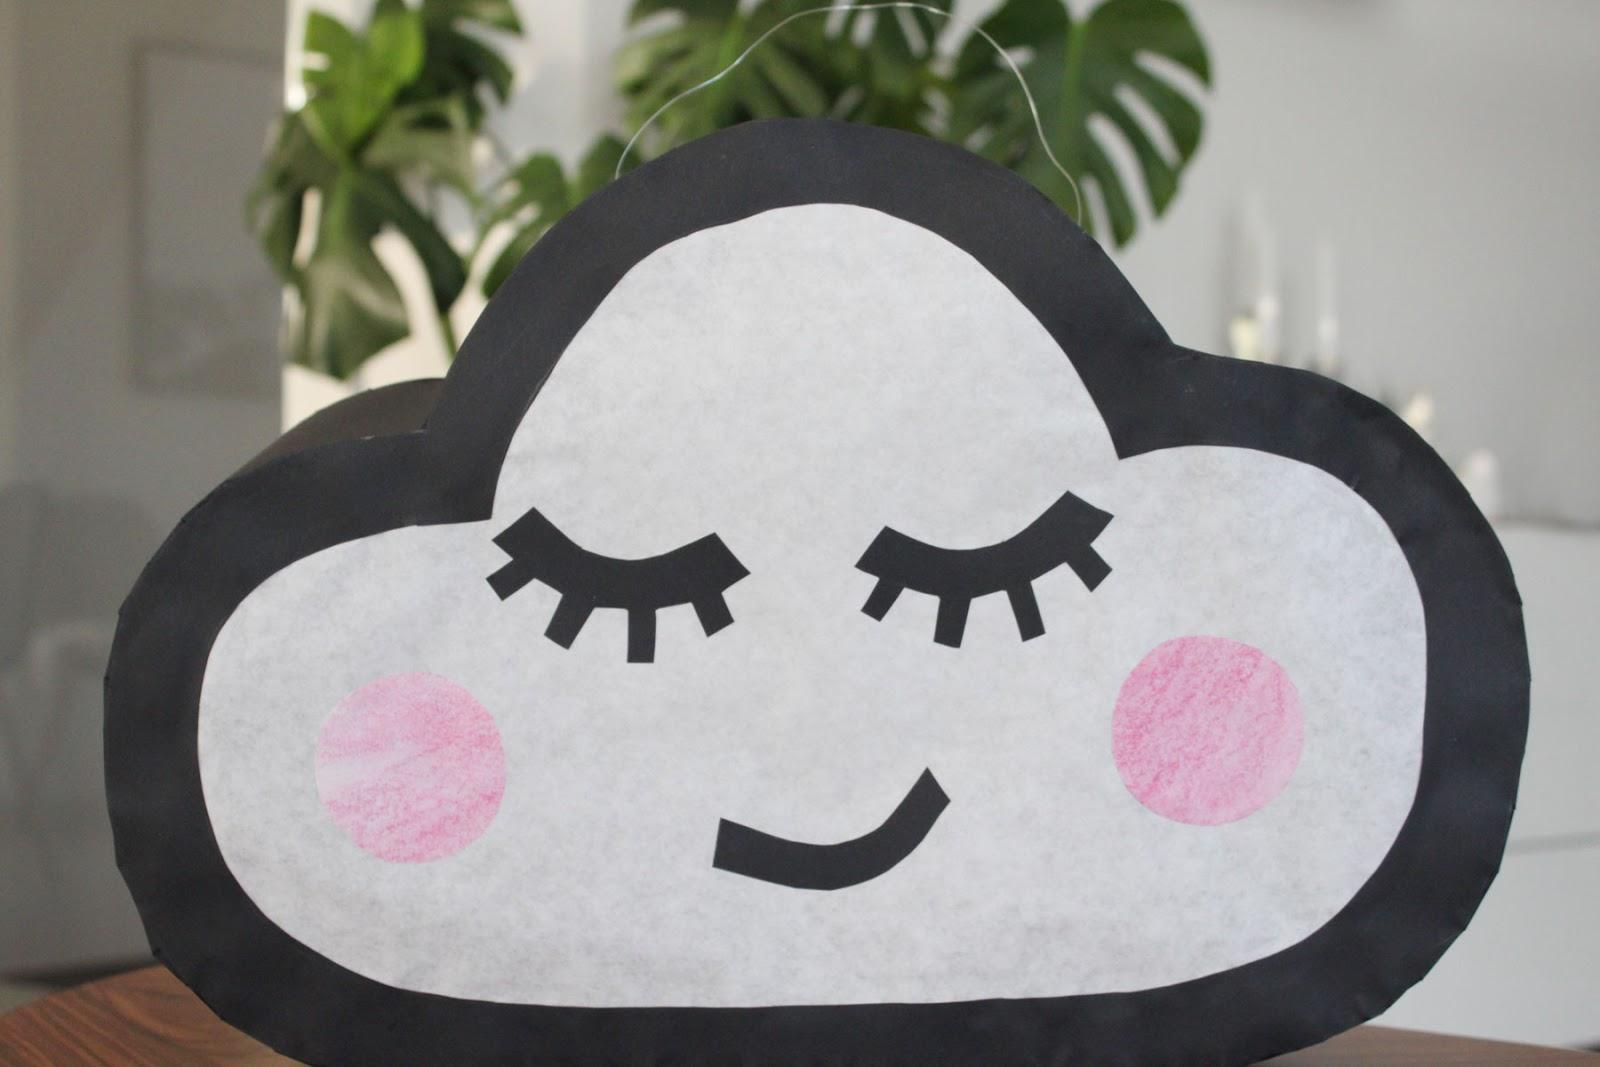 selbstgebastelte Laterne in Form einer Wolke mit Wimpern